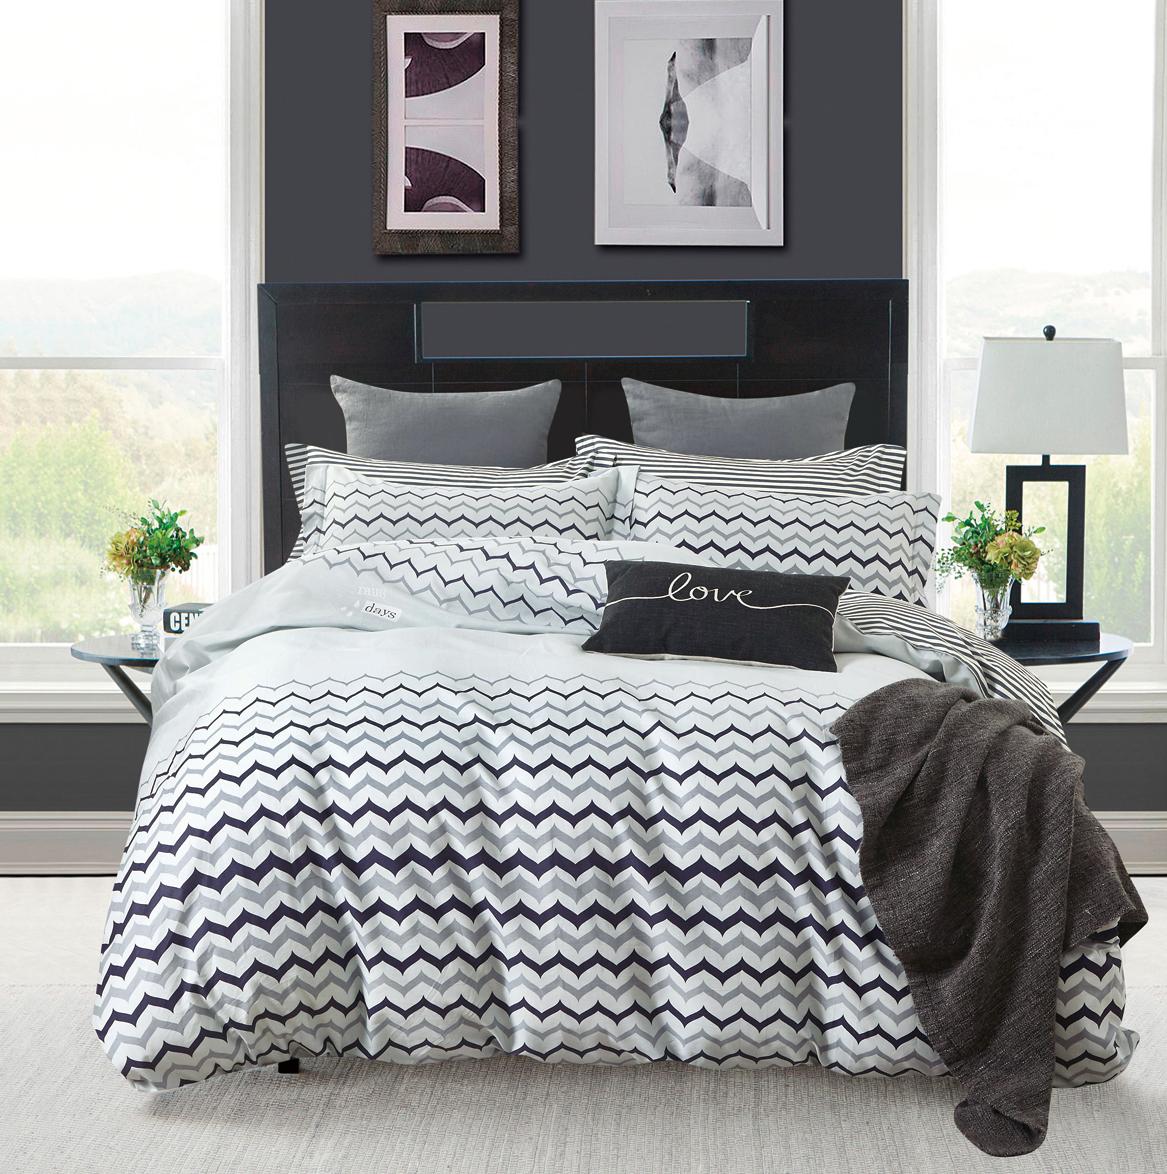 Купить Комплекты постельного белья Tango, Постельное белье Augustus (2 сп. евро), Китай, Серый, Черно-белый, Хлопковый сатин